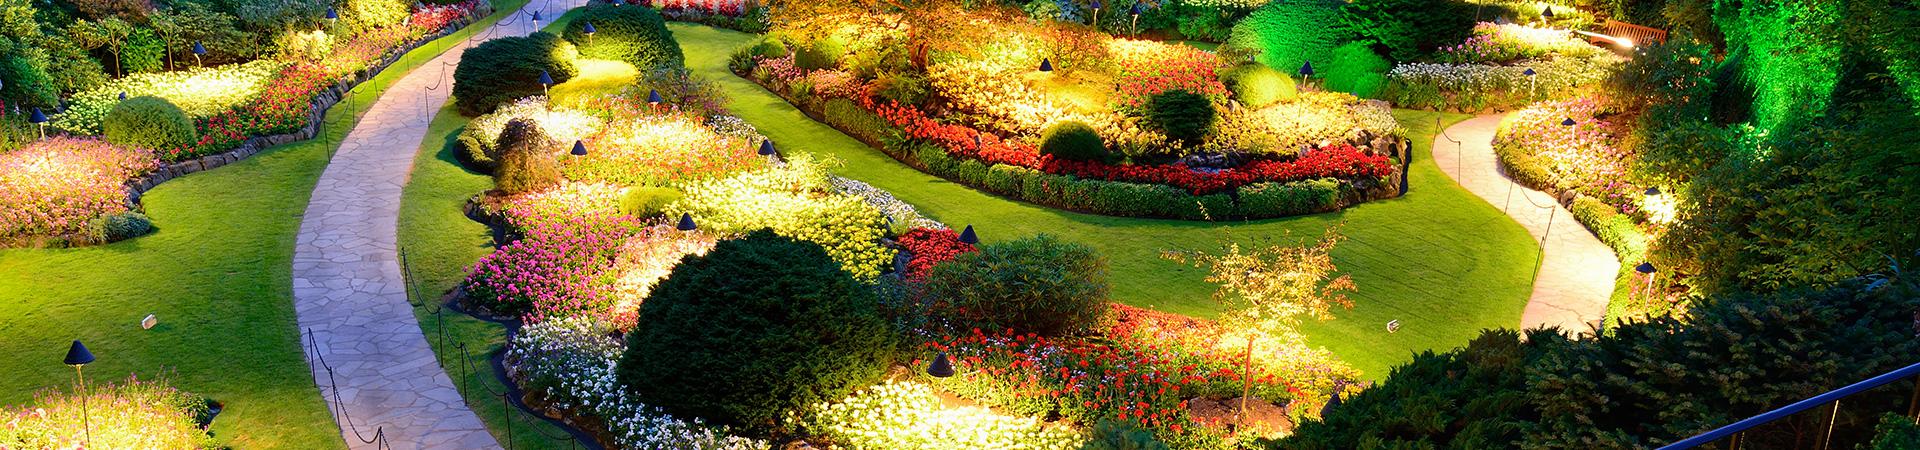 Entretien de jardins et de parcs versailles dans les yvelines for Entretien de jardins